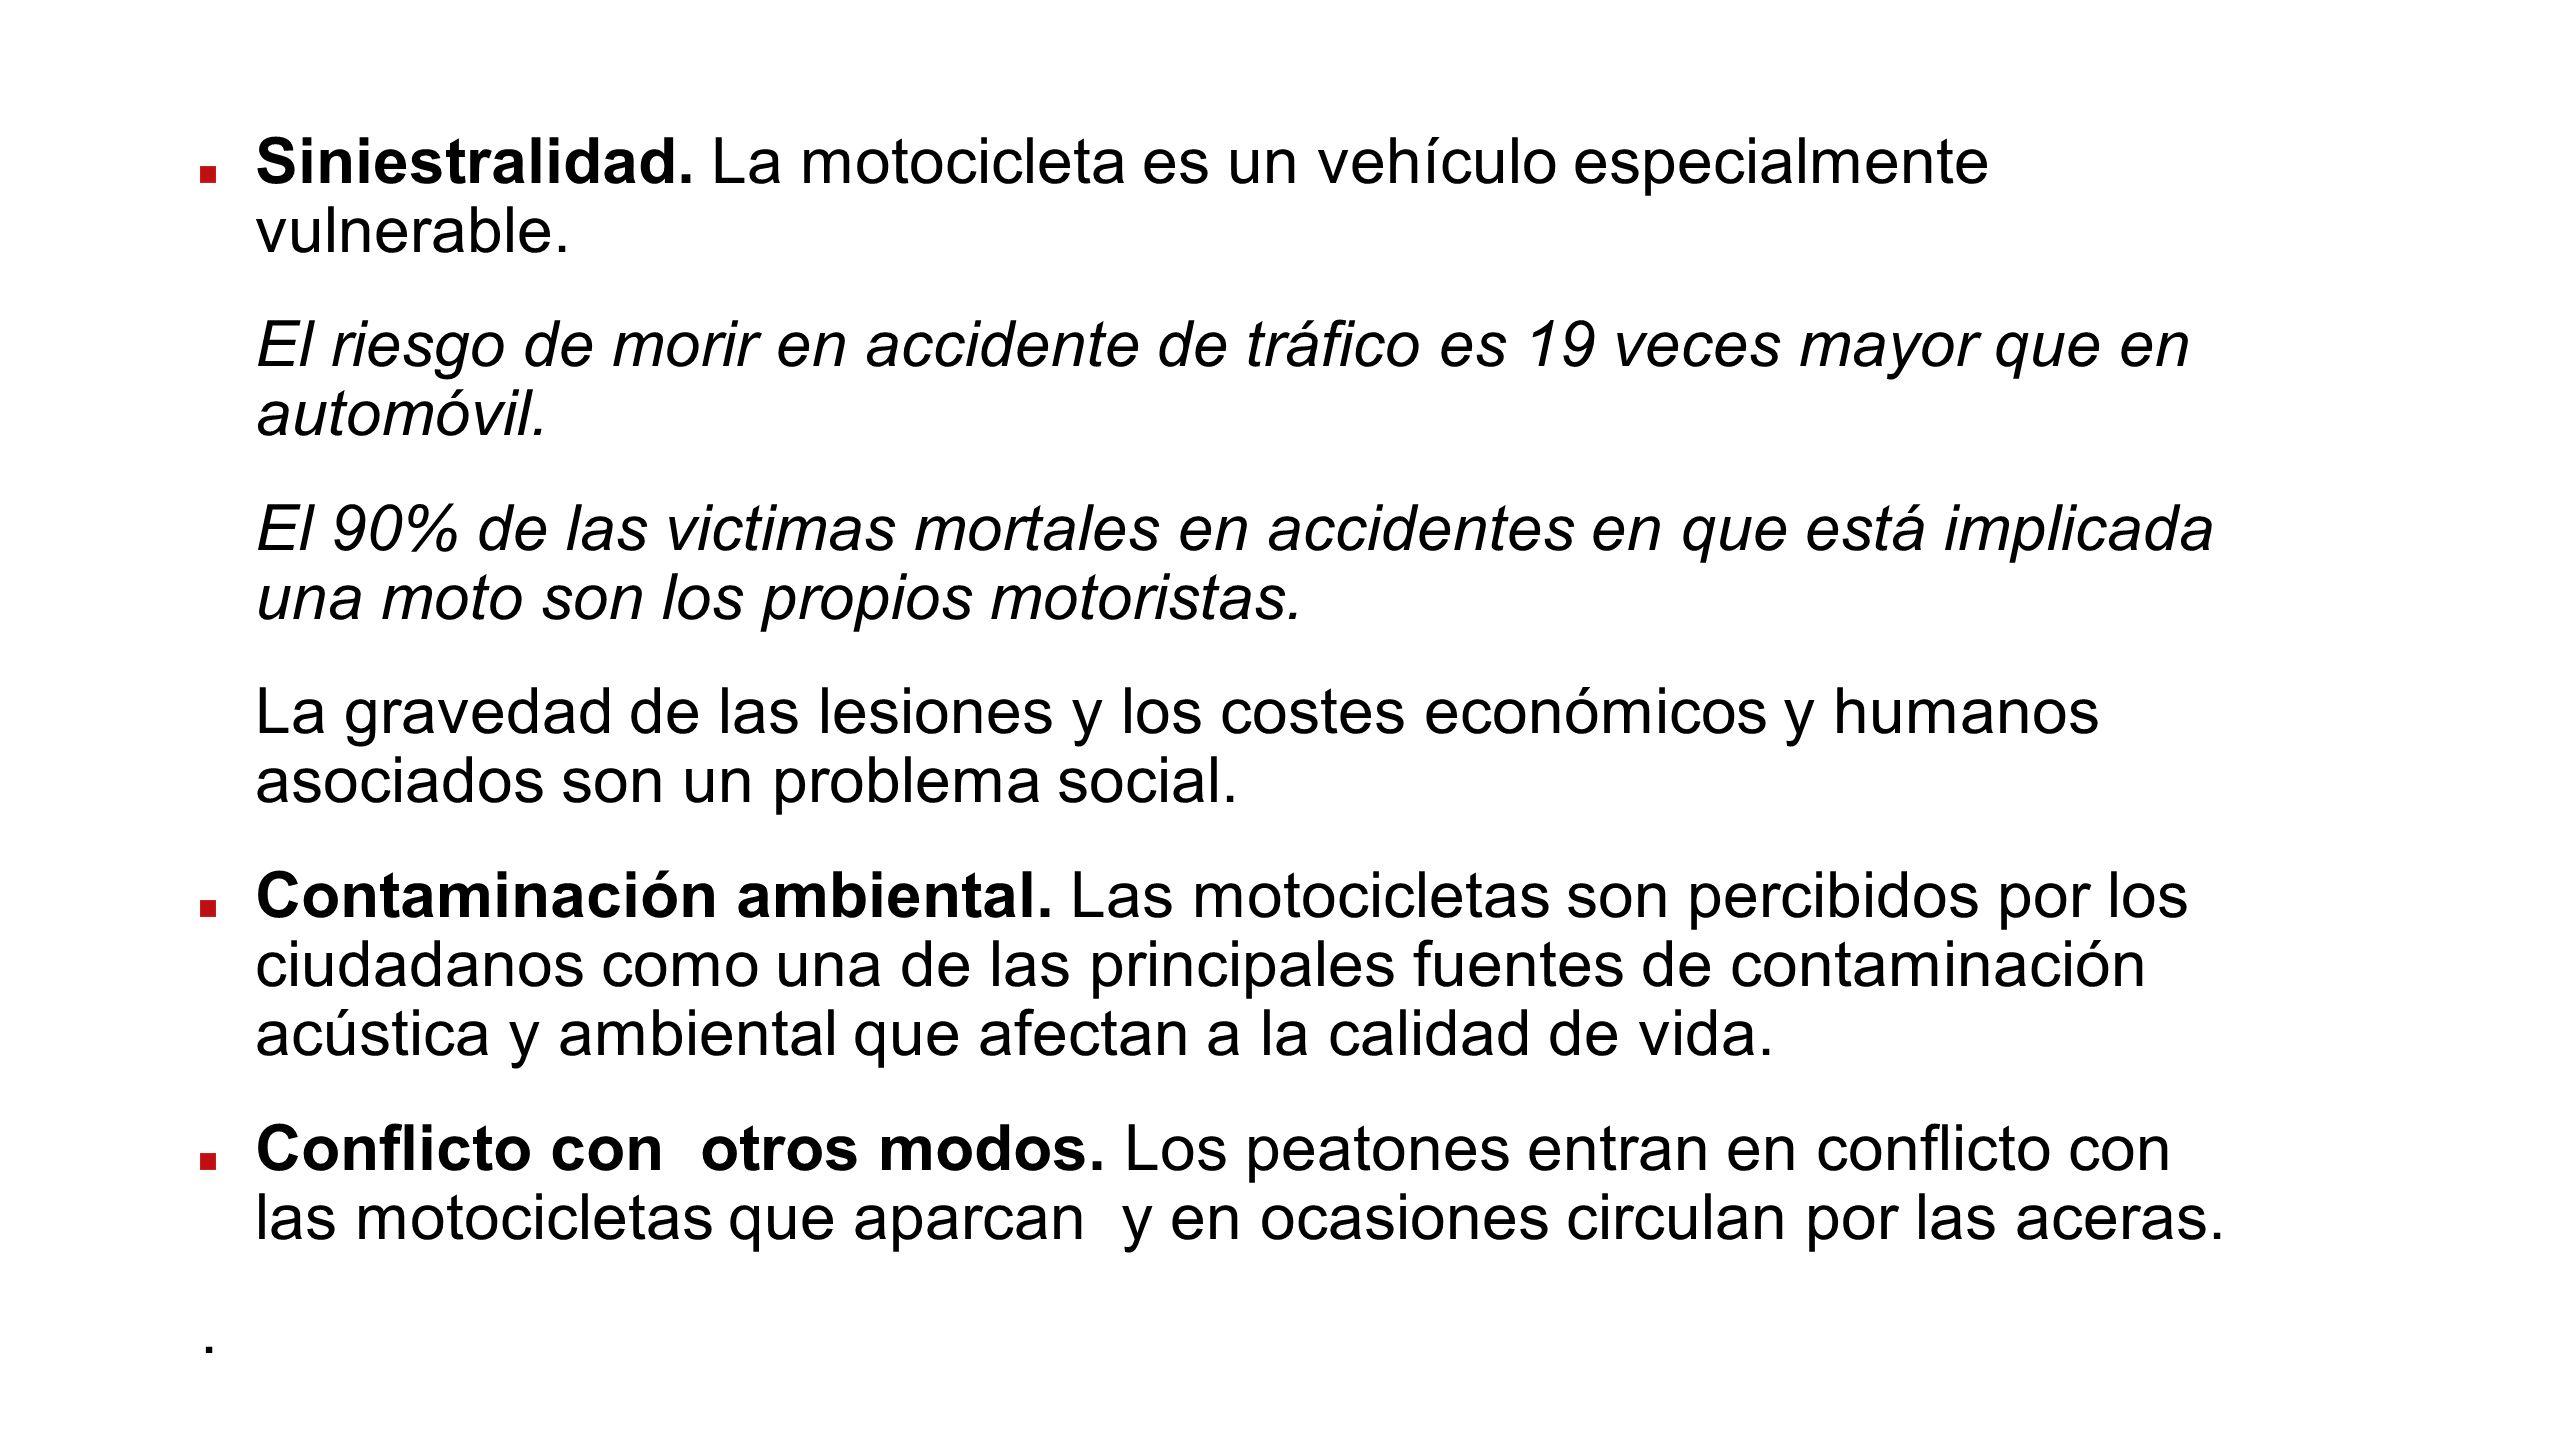 Siniestralidad. La motocicleta es un vehículo especialmente vulnerable.